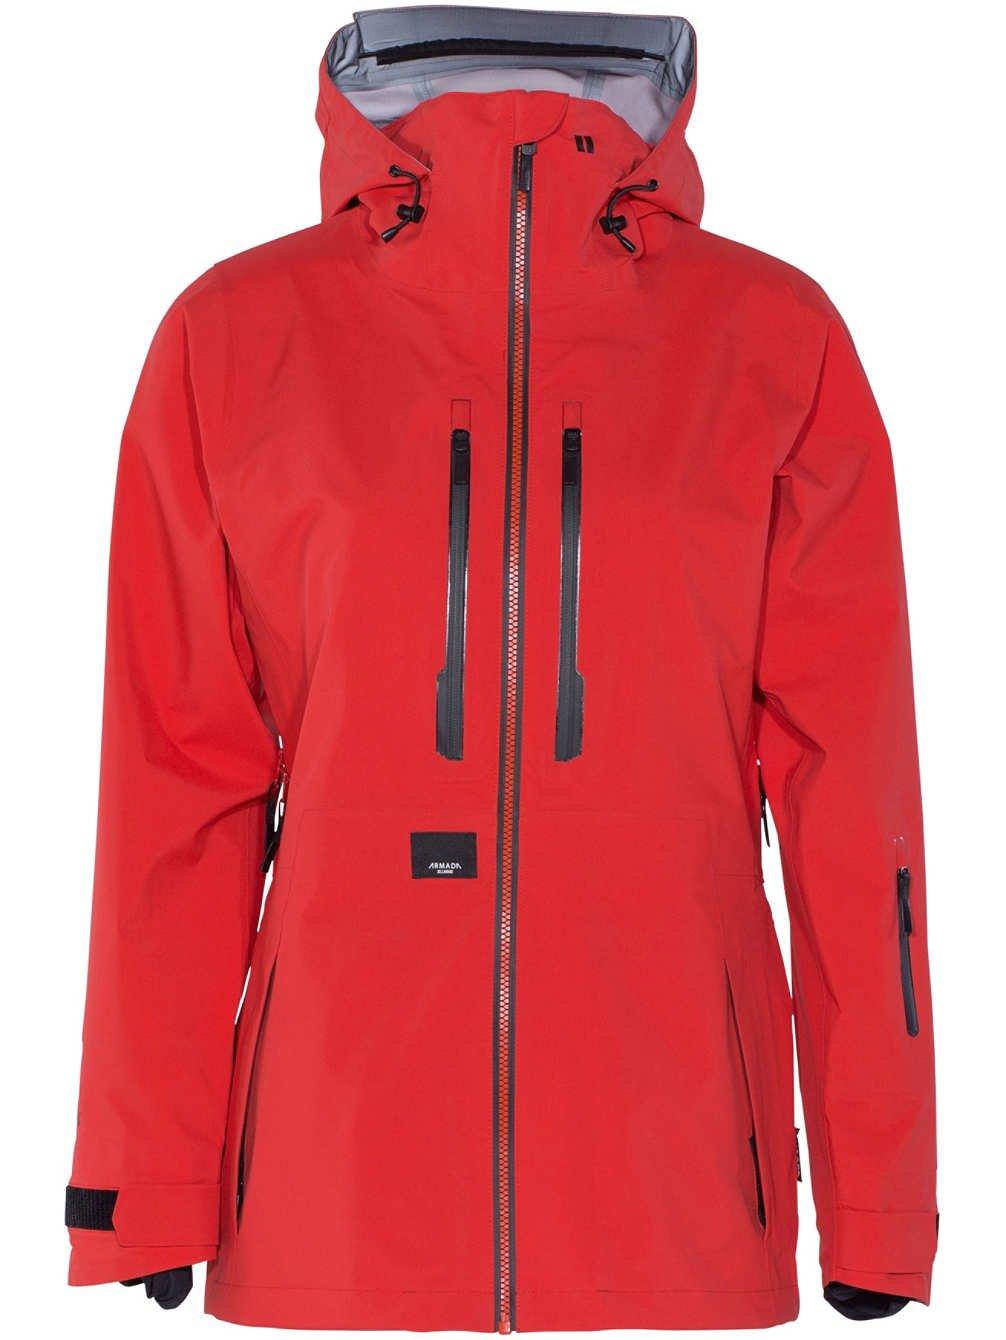 Damen Snowboard Jacke Armada Resolution GORE-TEX 3L Jacket online bestellen